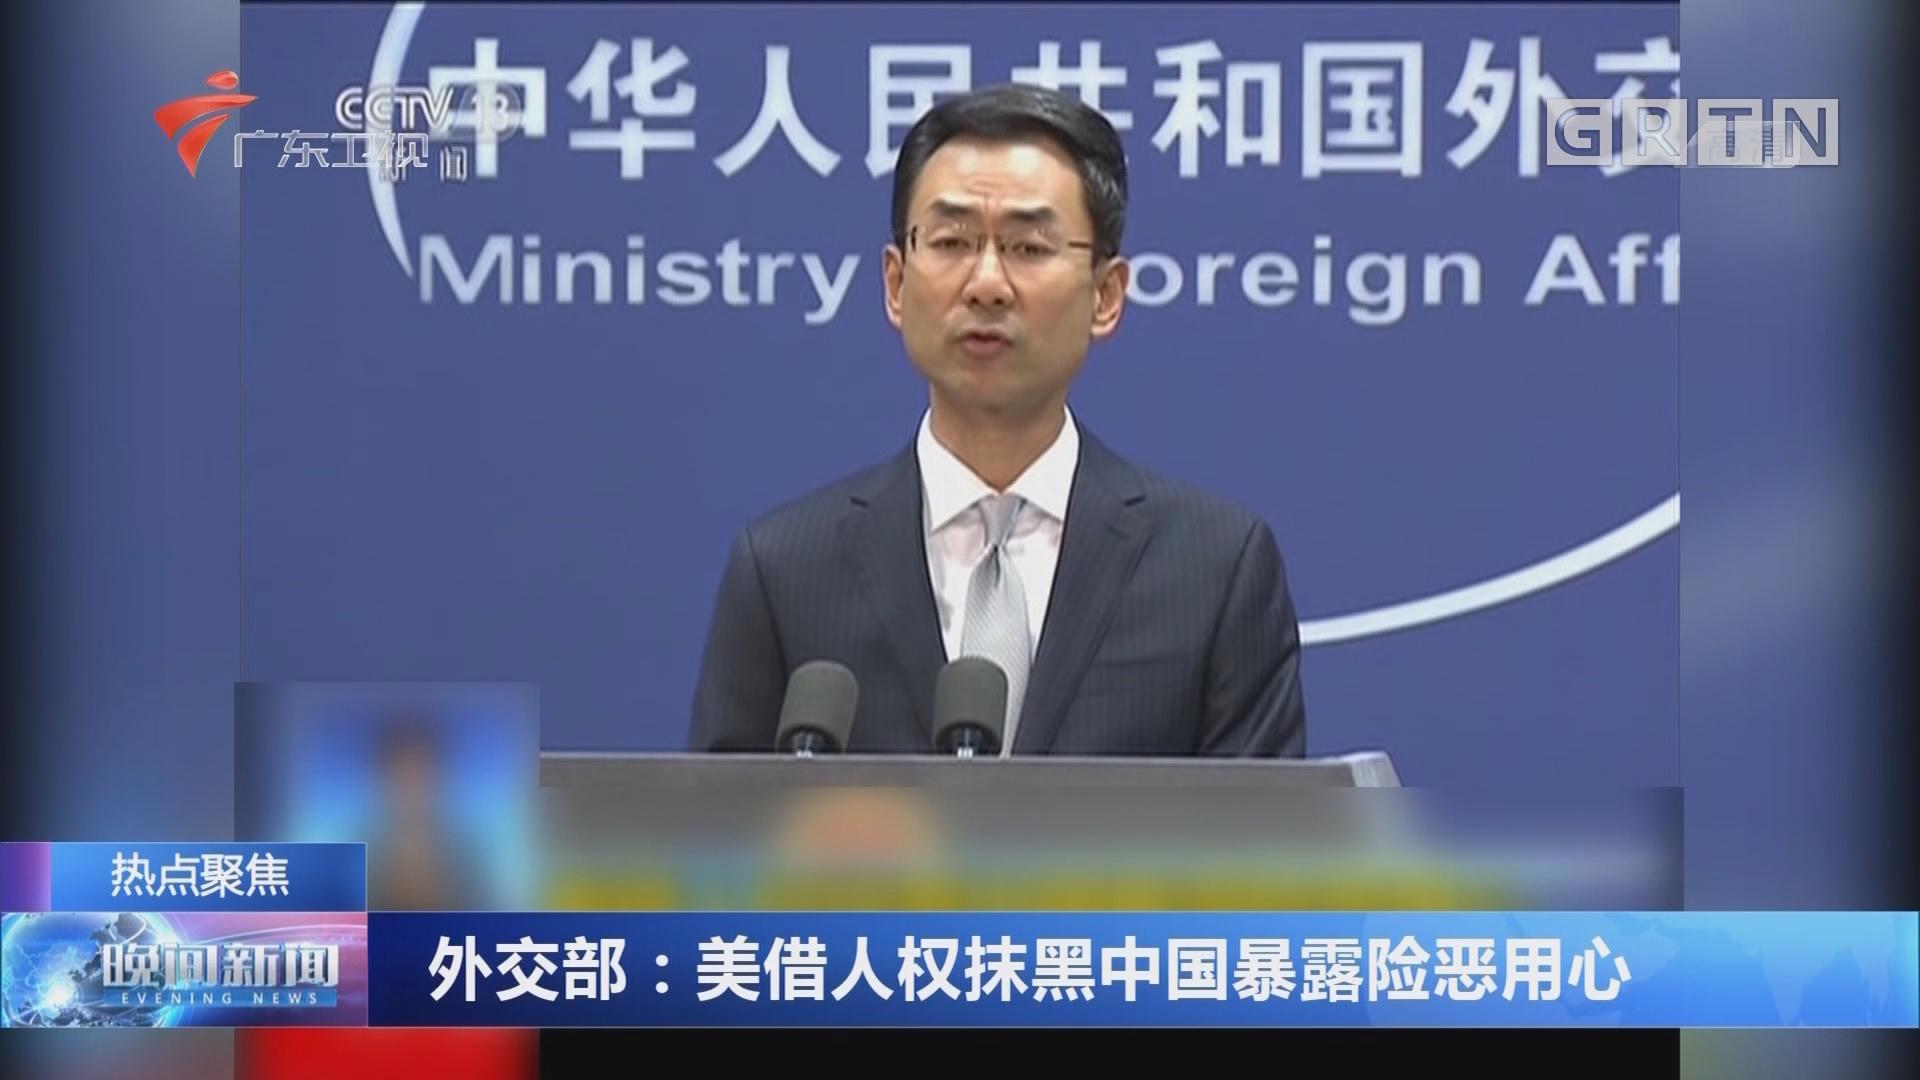 外交部:美借人权抹黑中国暴露险恶用心